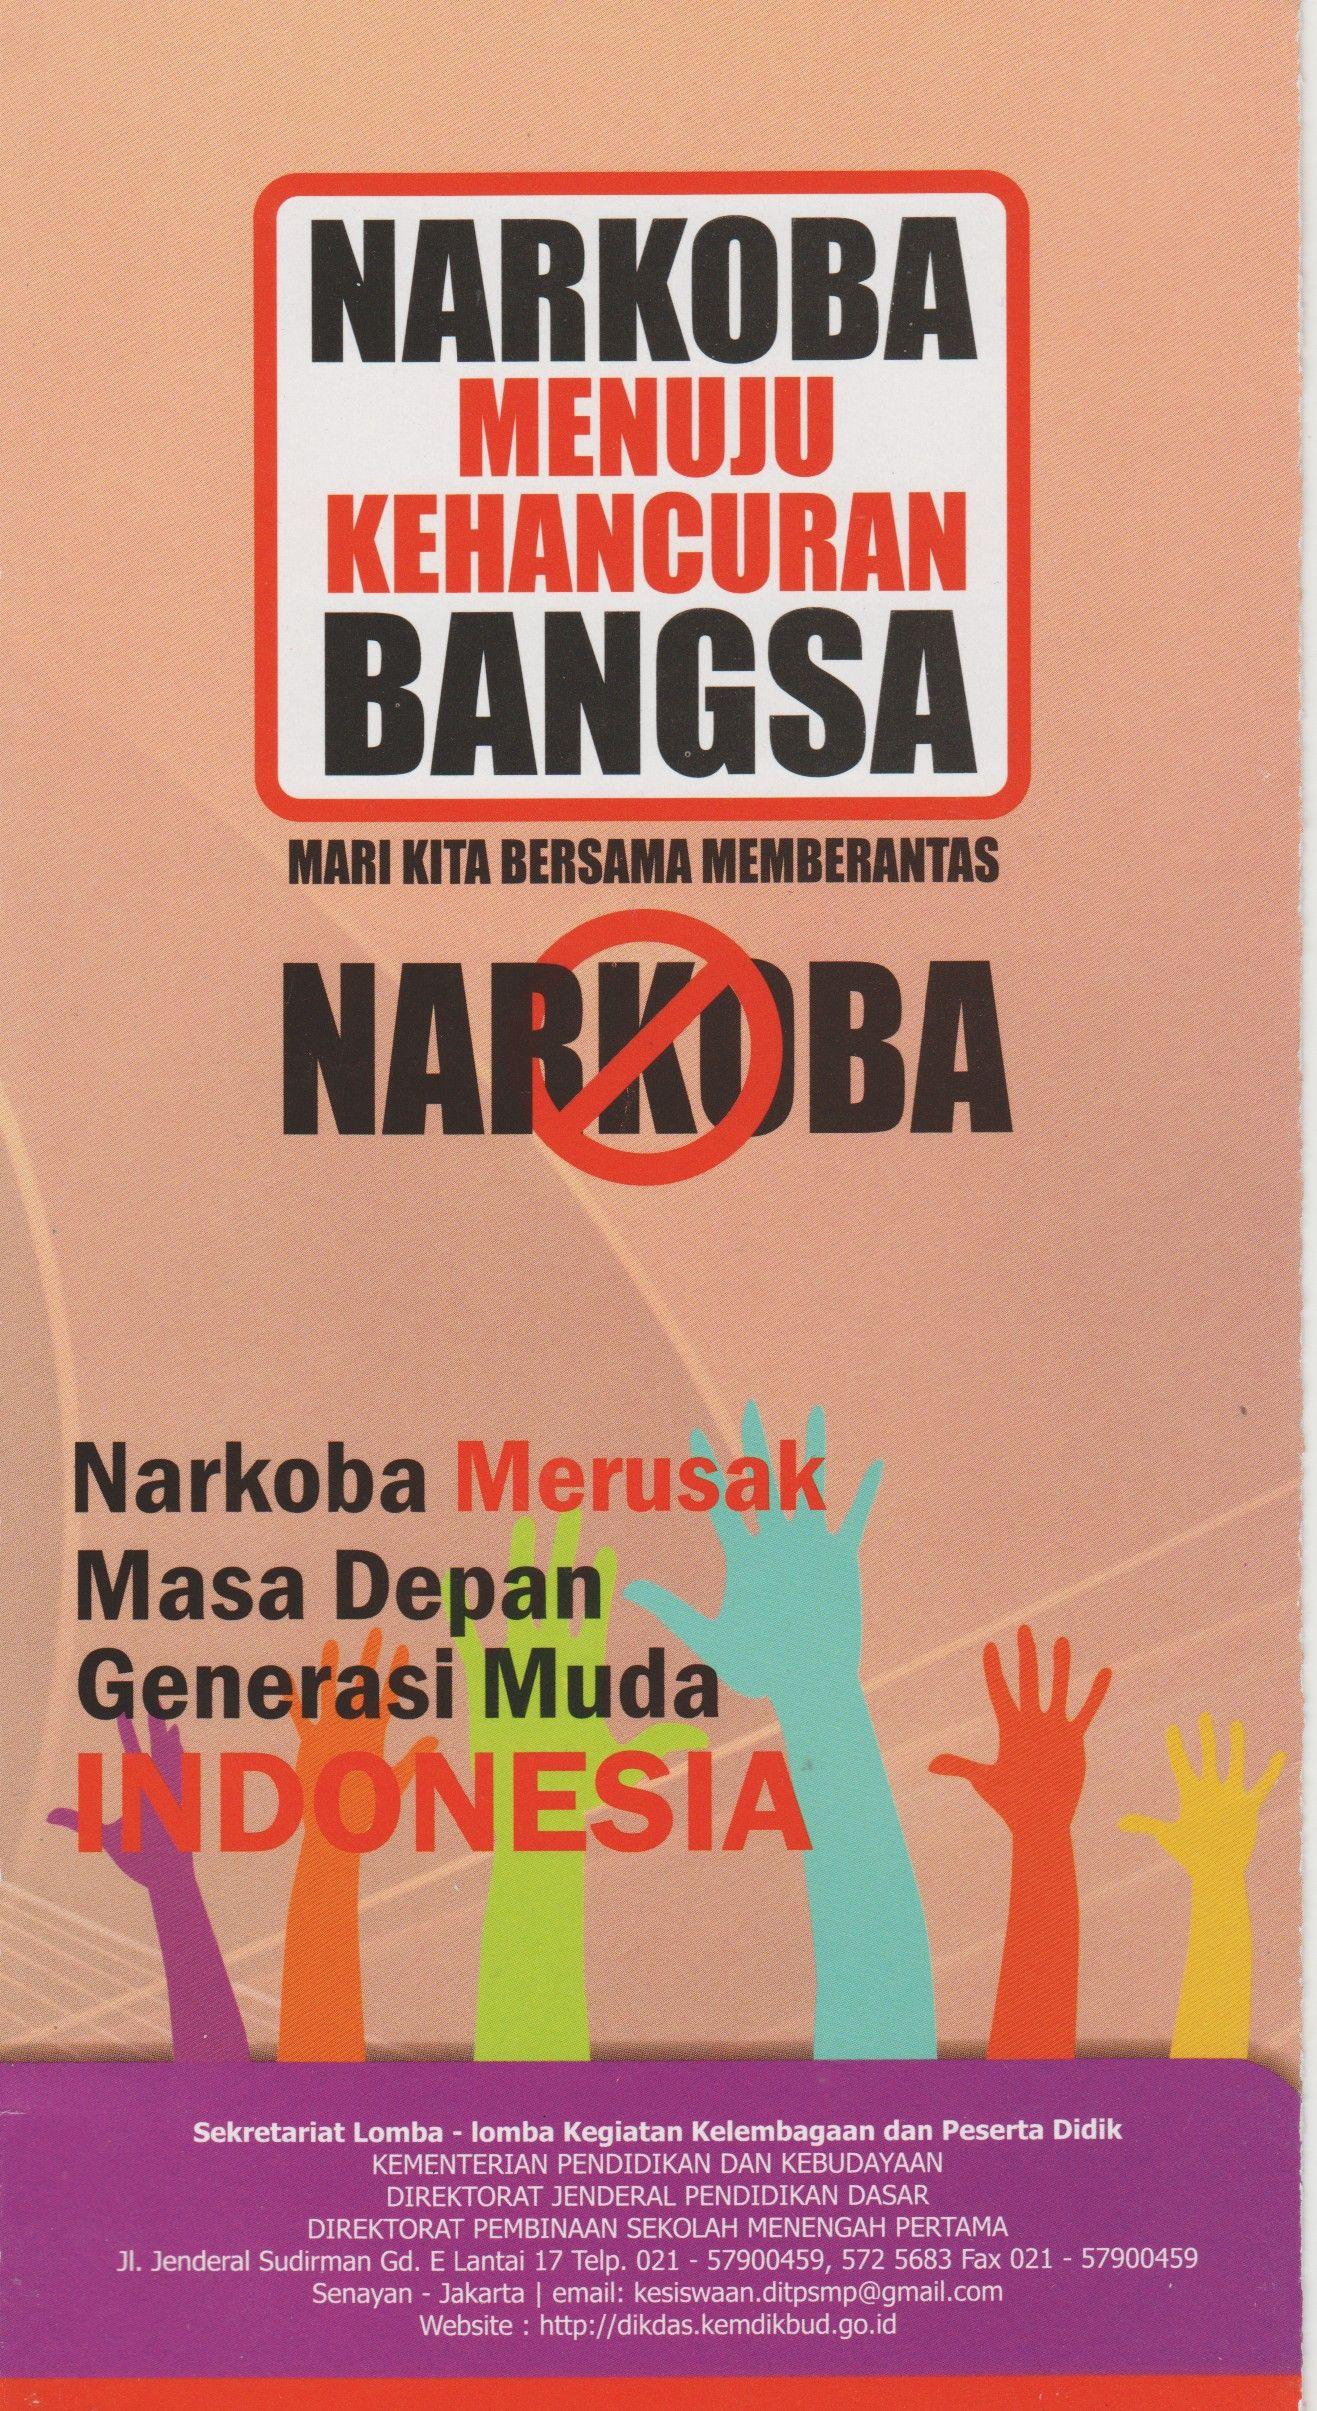 Contoh Poster Narkoba : contoh, poster, narkoba, Bagus, Untuk, Poster, Narkoba